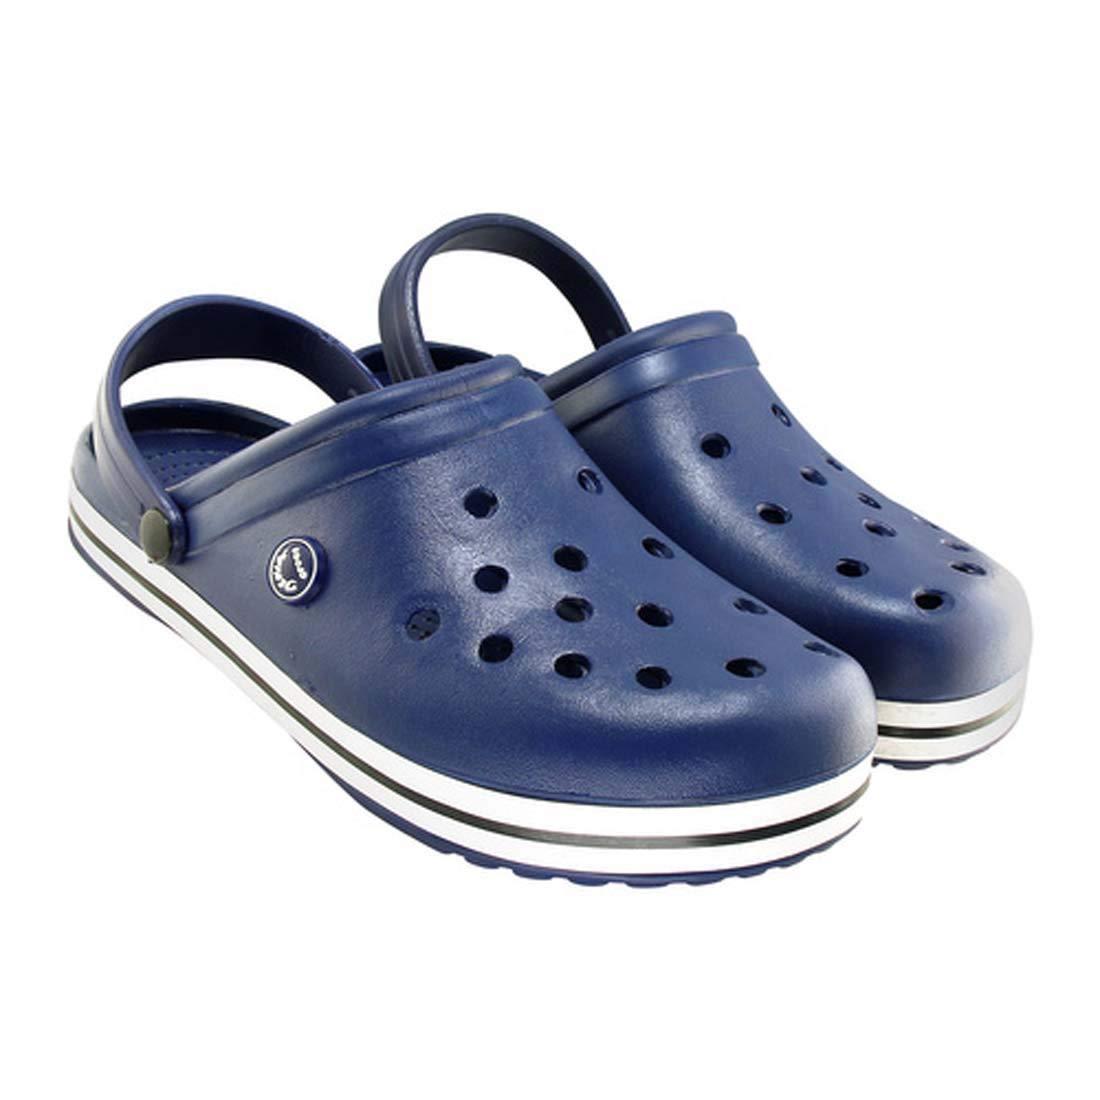 Evergreen Clog Flip Flops Thong Sandals